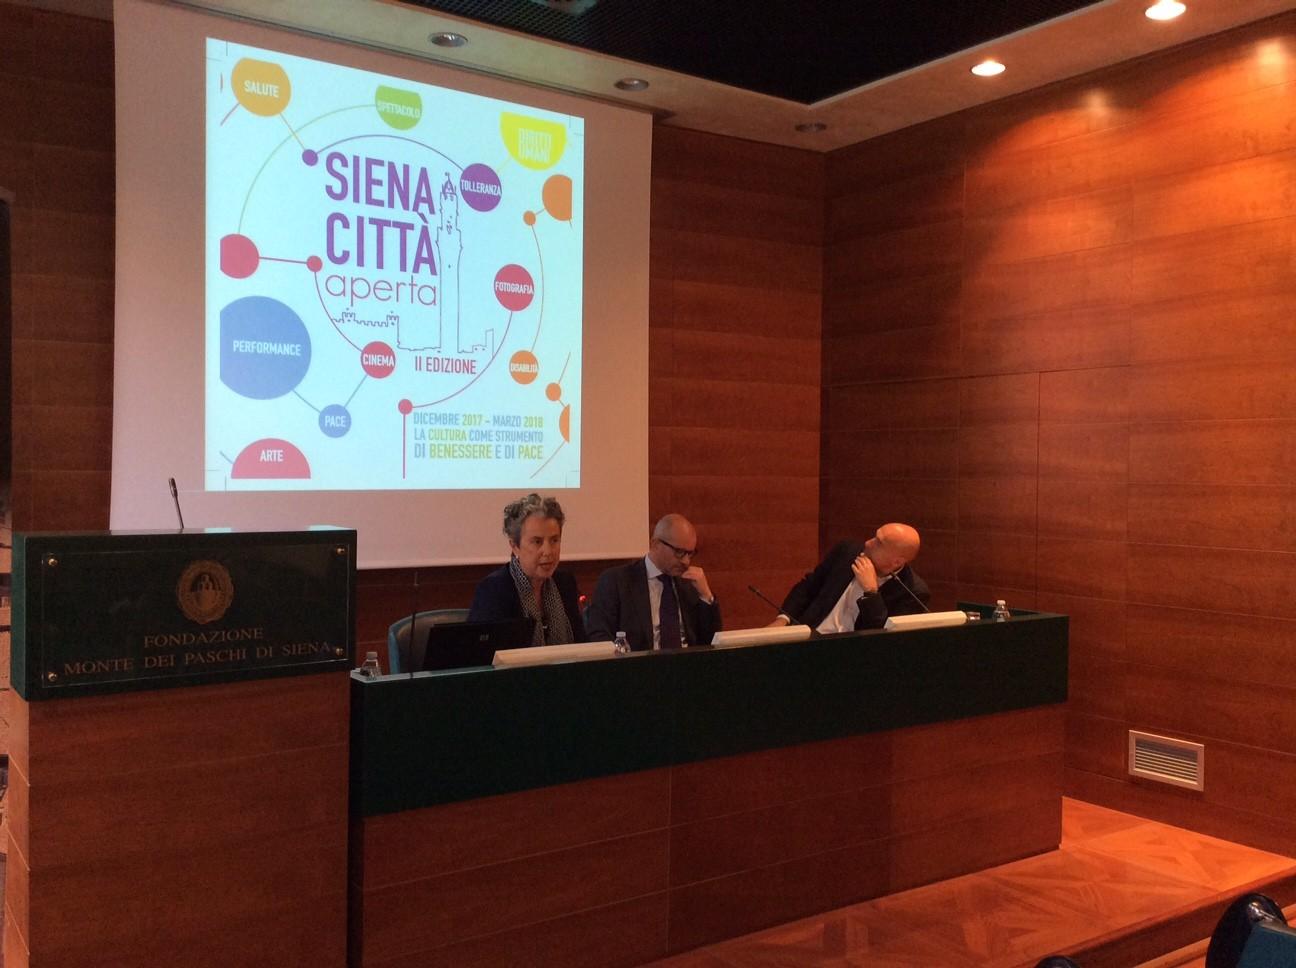 """""""Siena città aperta"""", presentata la seconda edizione all'insegna di arte e benessere"""